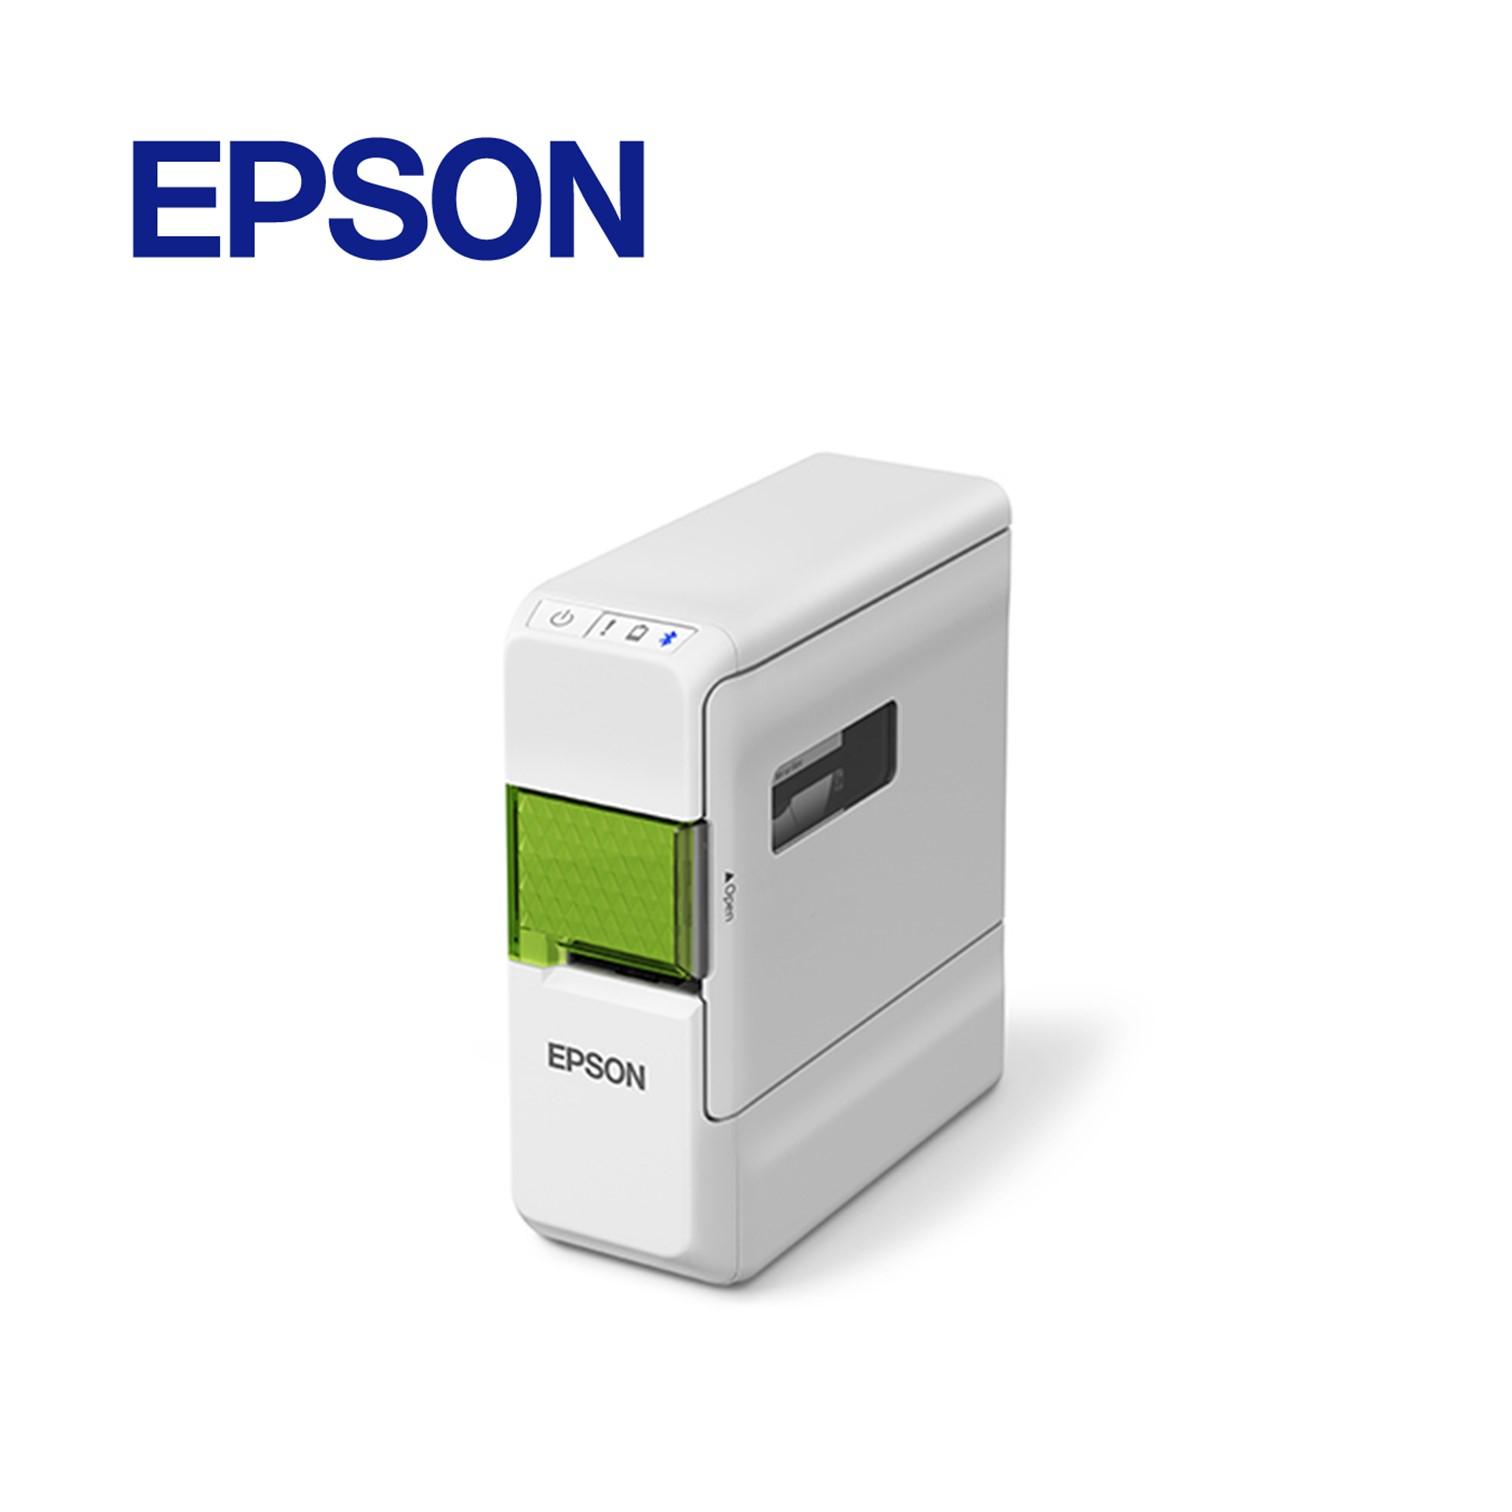 【福利品】EPSON LW-C410 文創風藍牙手寫標籤機 LW-C410